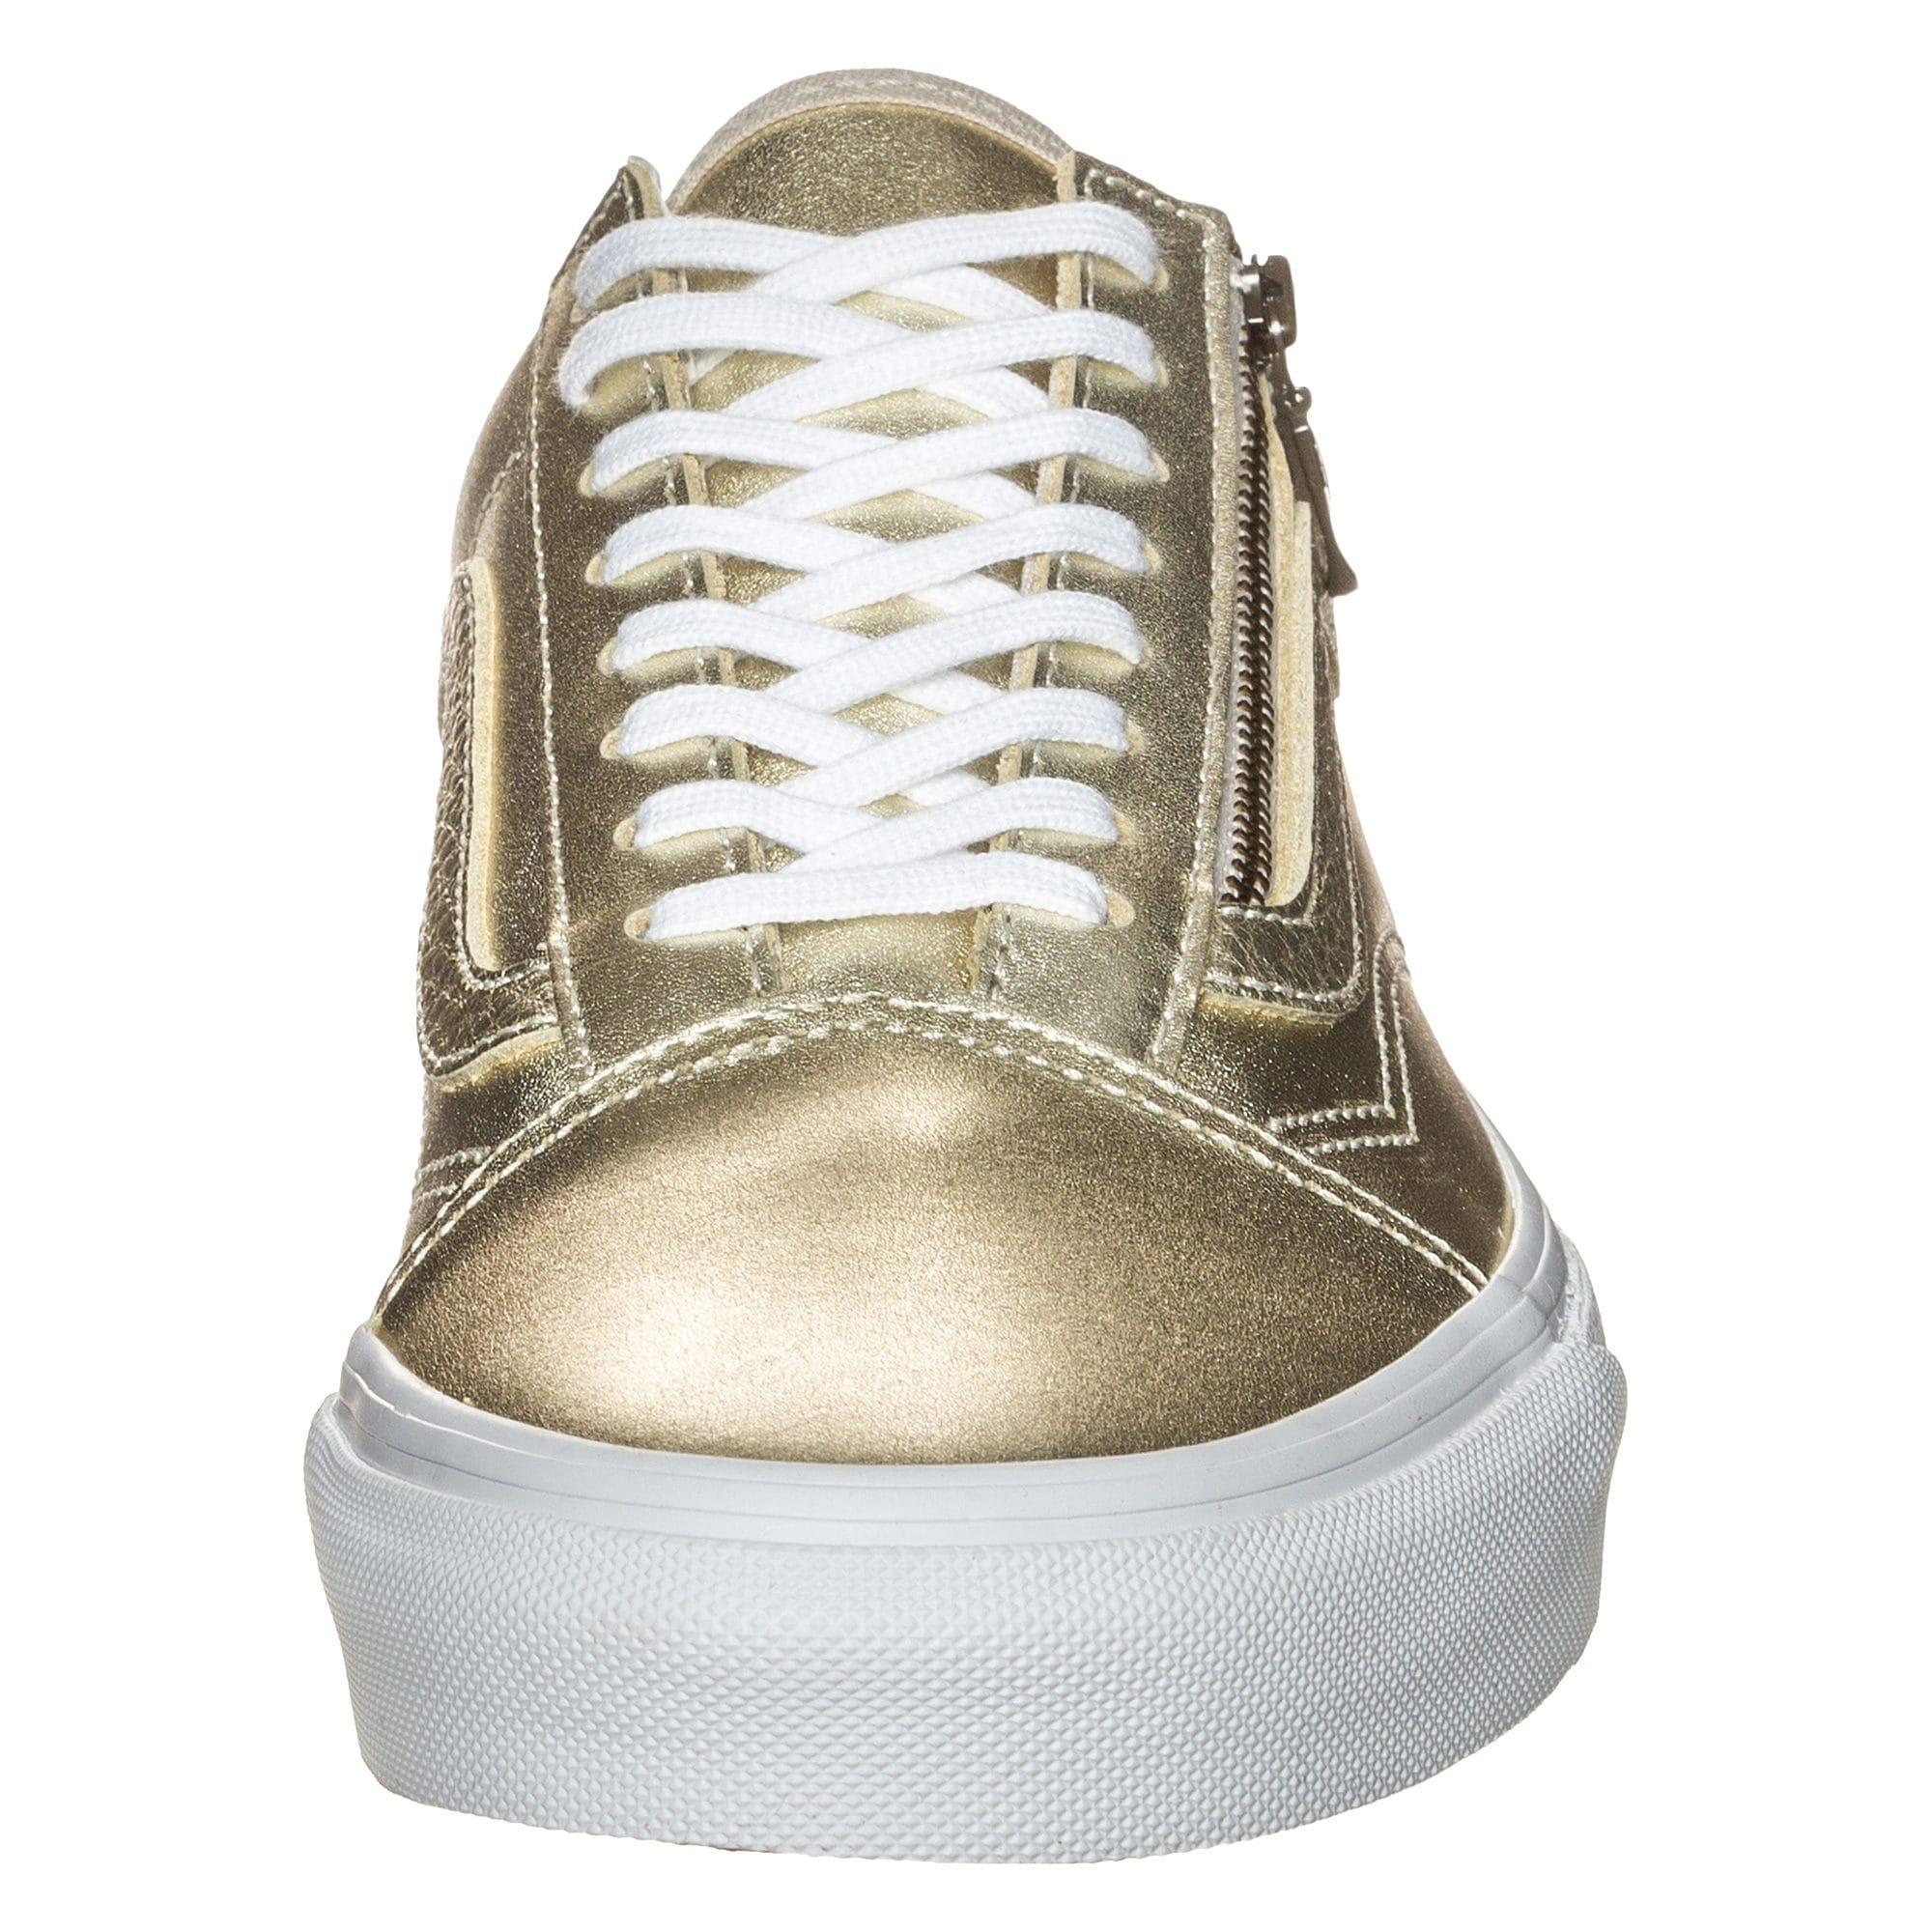 Vans Old bestellen Skool Zip Sneaker Damen bestellen Old | Gutes Preis-Leistungs-Verhältnis, es lohnt sich 584da6